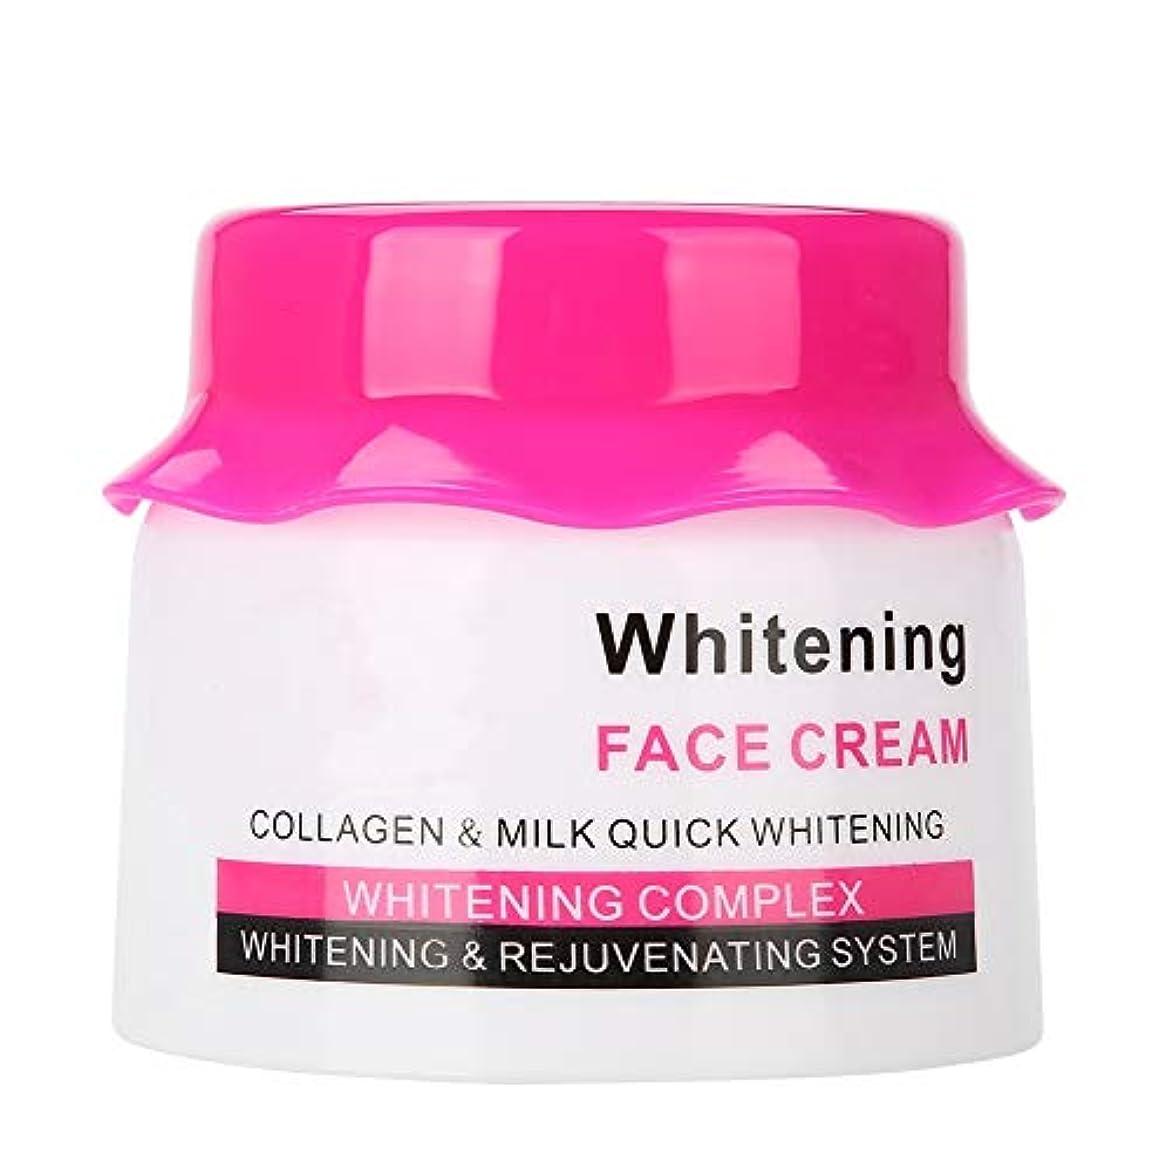 何精神それ天然コラーゲン、肌のリラクゼーションと引き締まった肌の多機能、保湿引き締めフェイシャルシュリンクポアケア肌を白くするフェイシャルクリーム